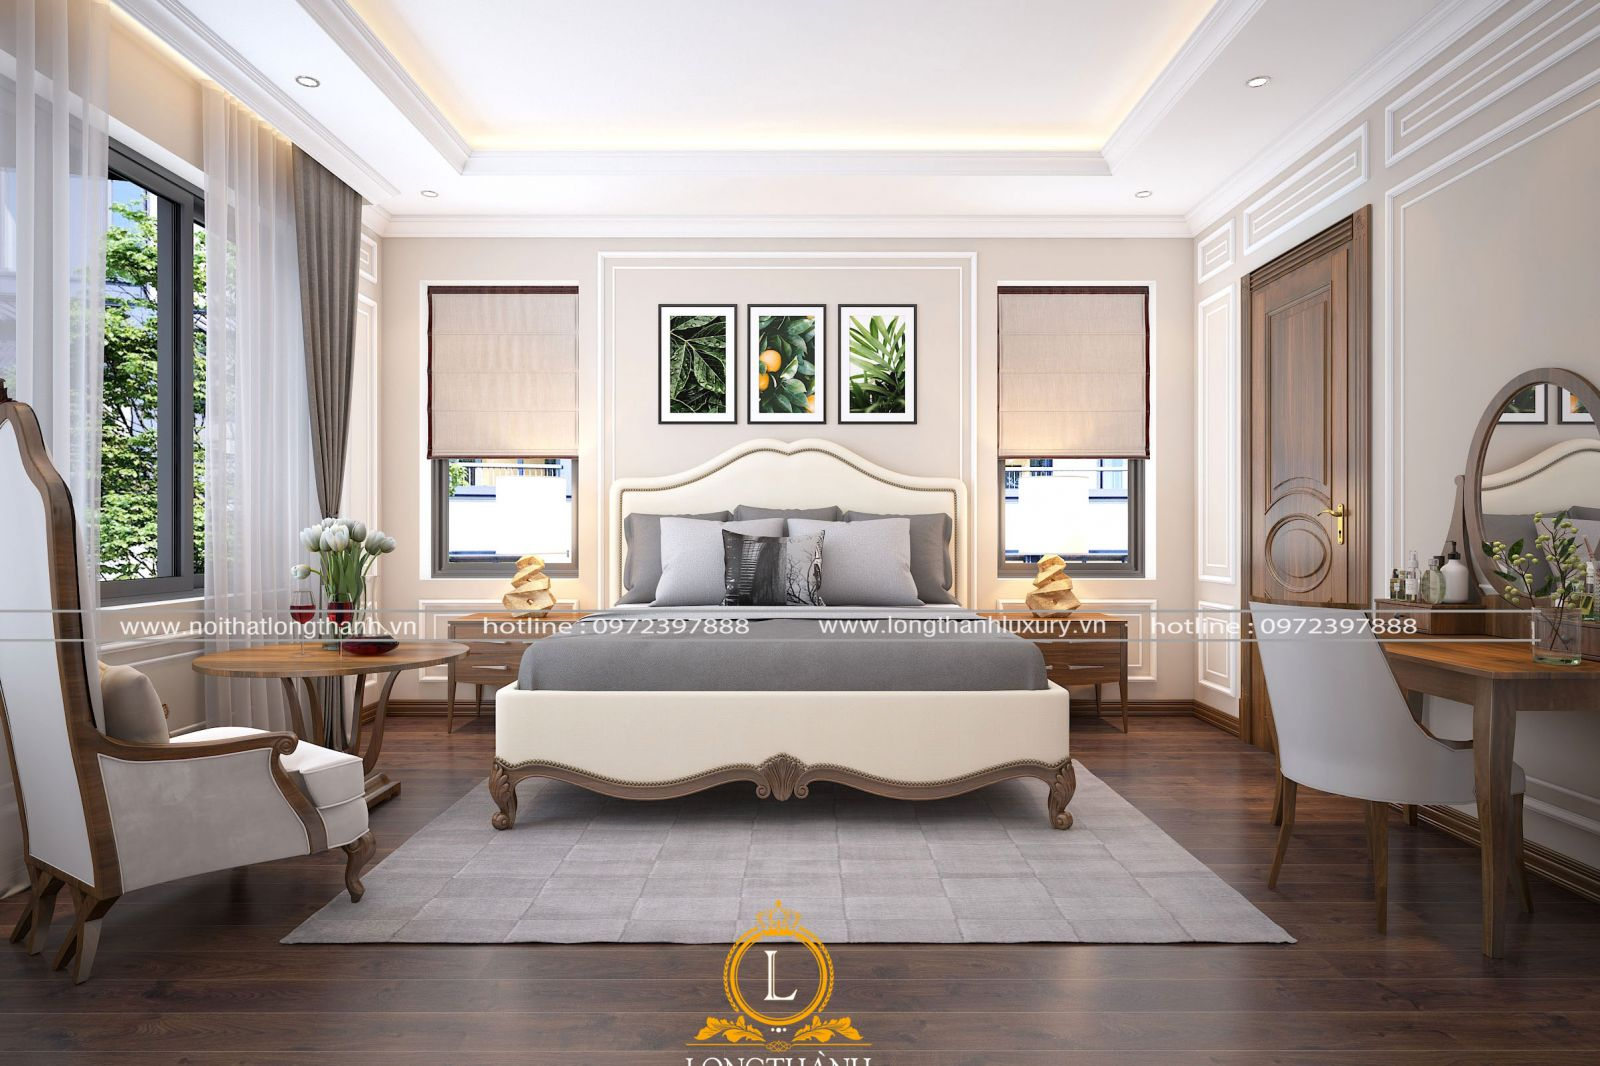 Phòng ngủ hiện đại độc đáo